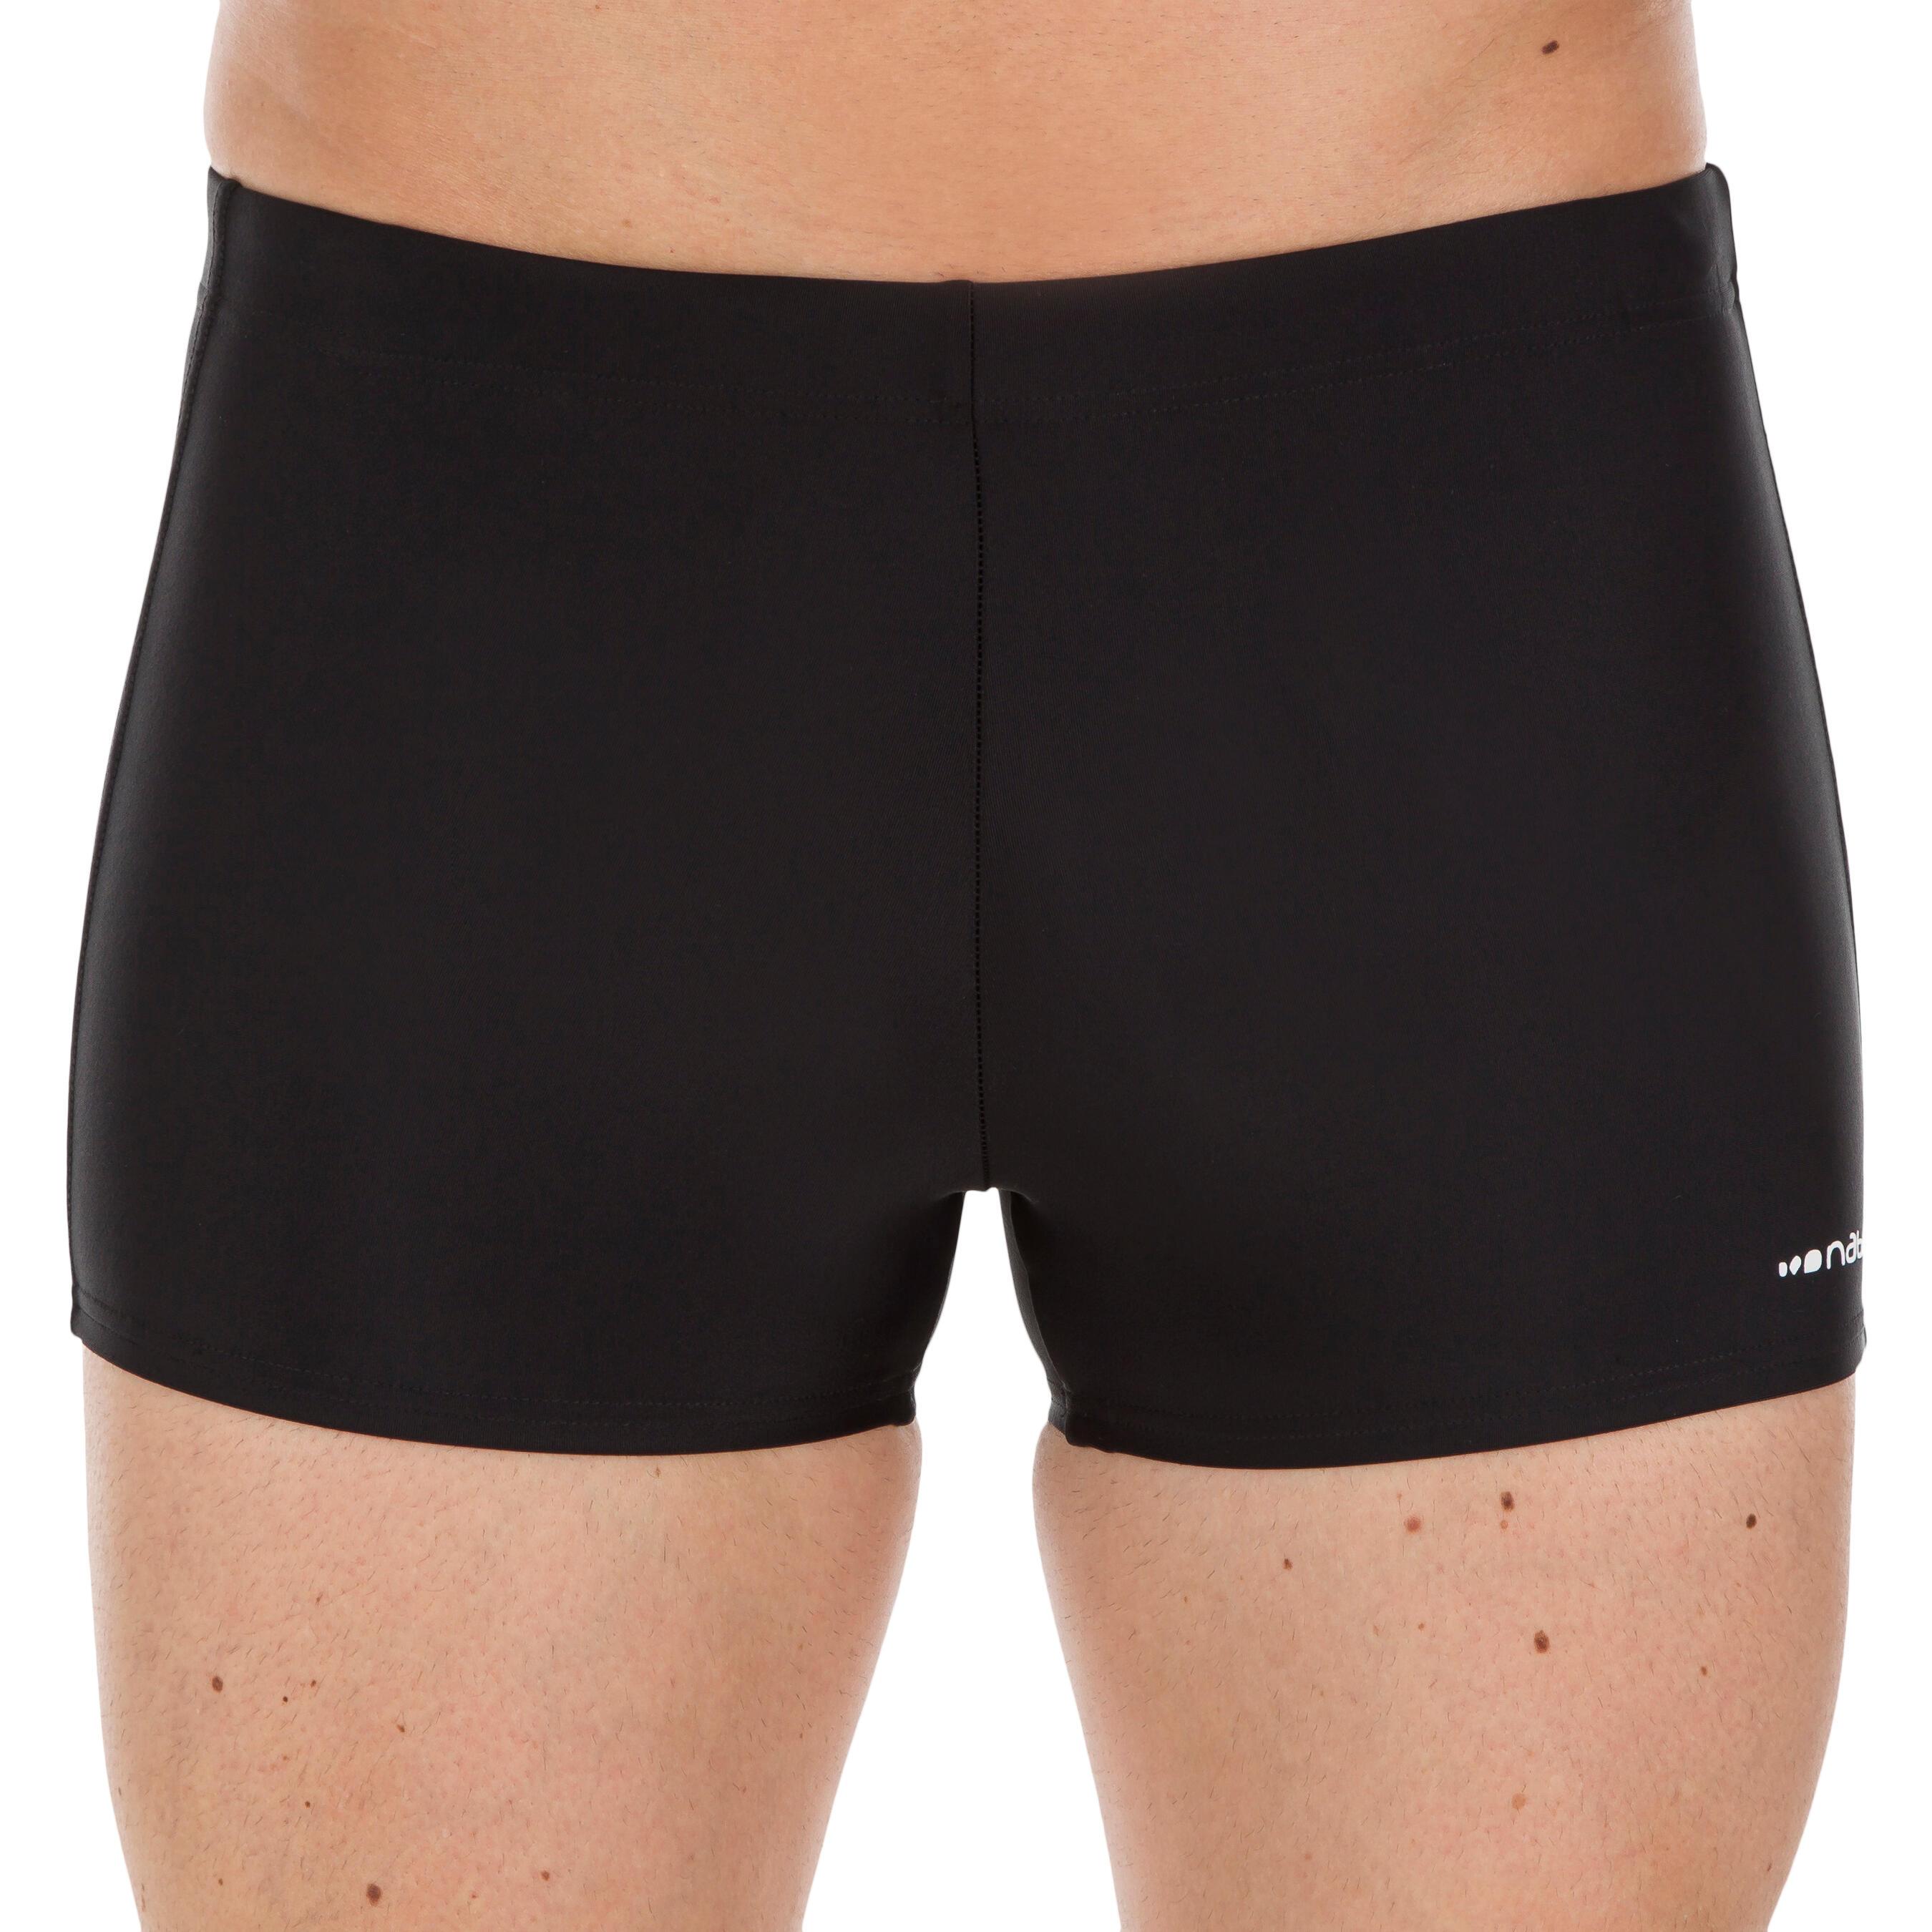 Decathlon maillot bain homme